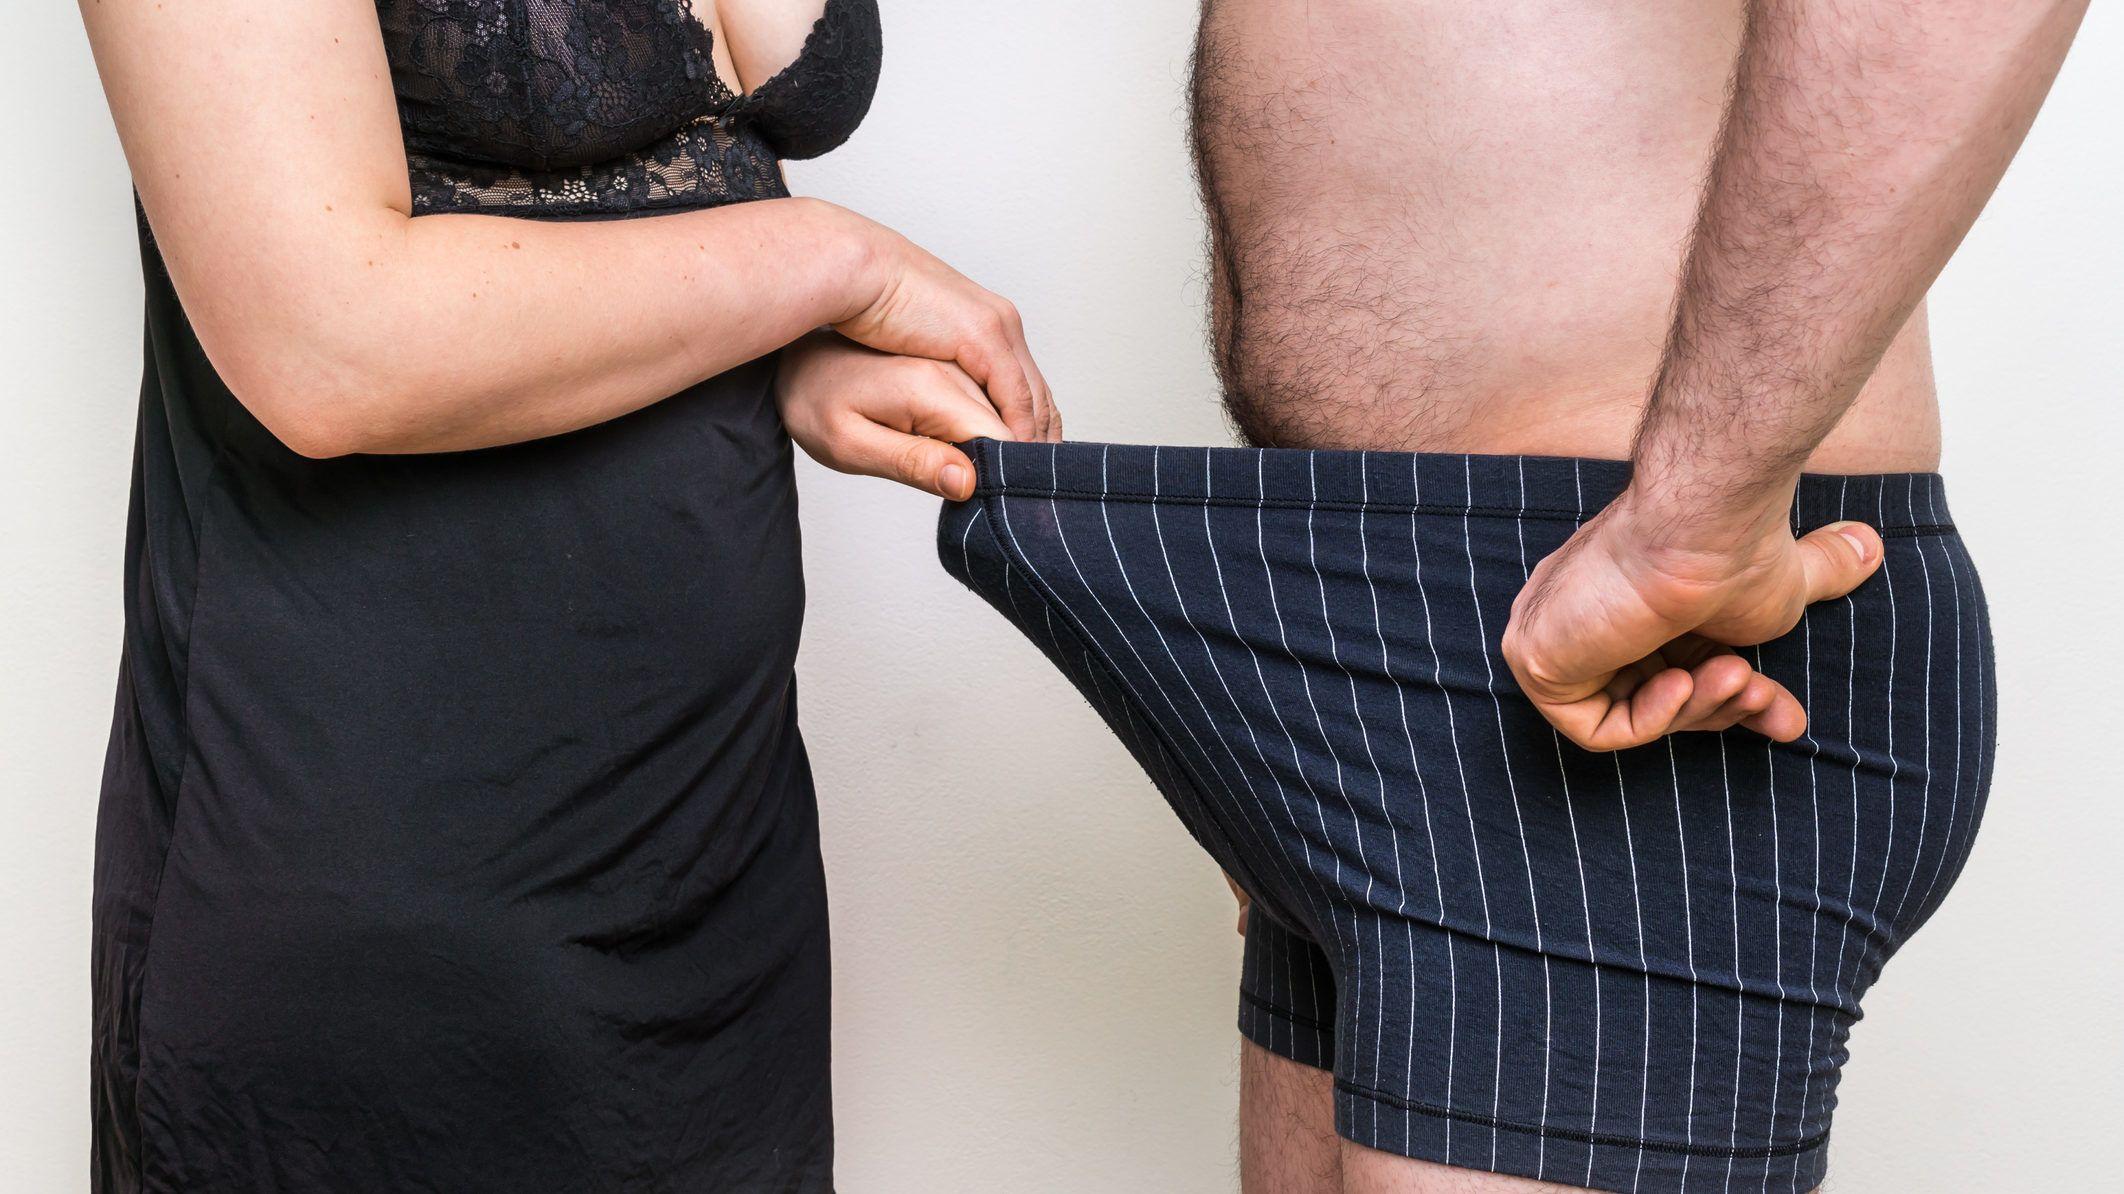 az erekció hiánya férfiaknál 54 után a tesztoszteron növeli az erekciót